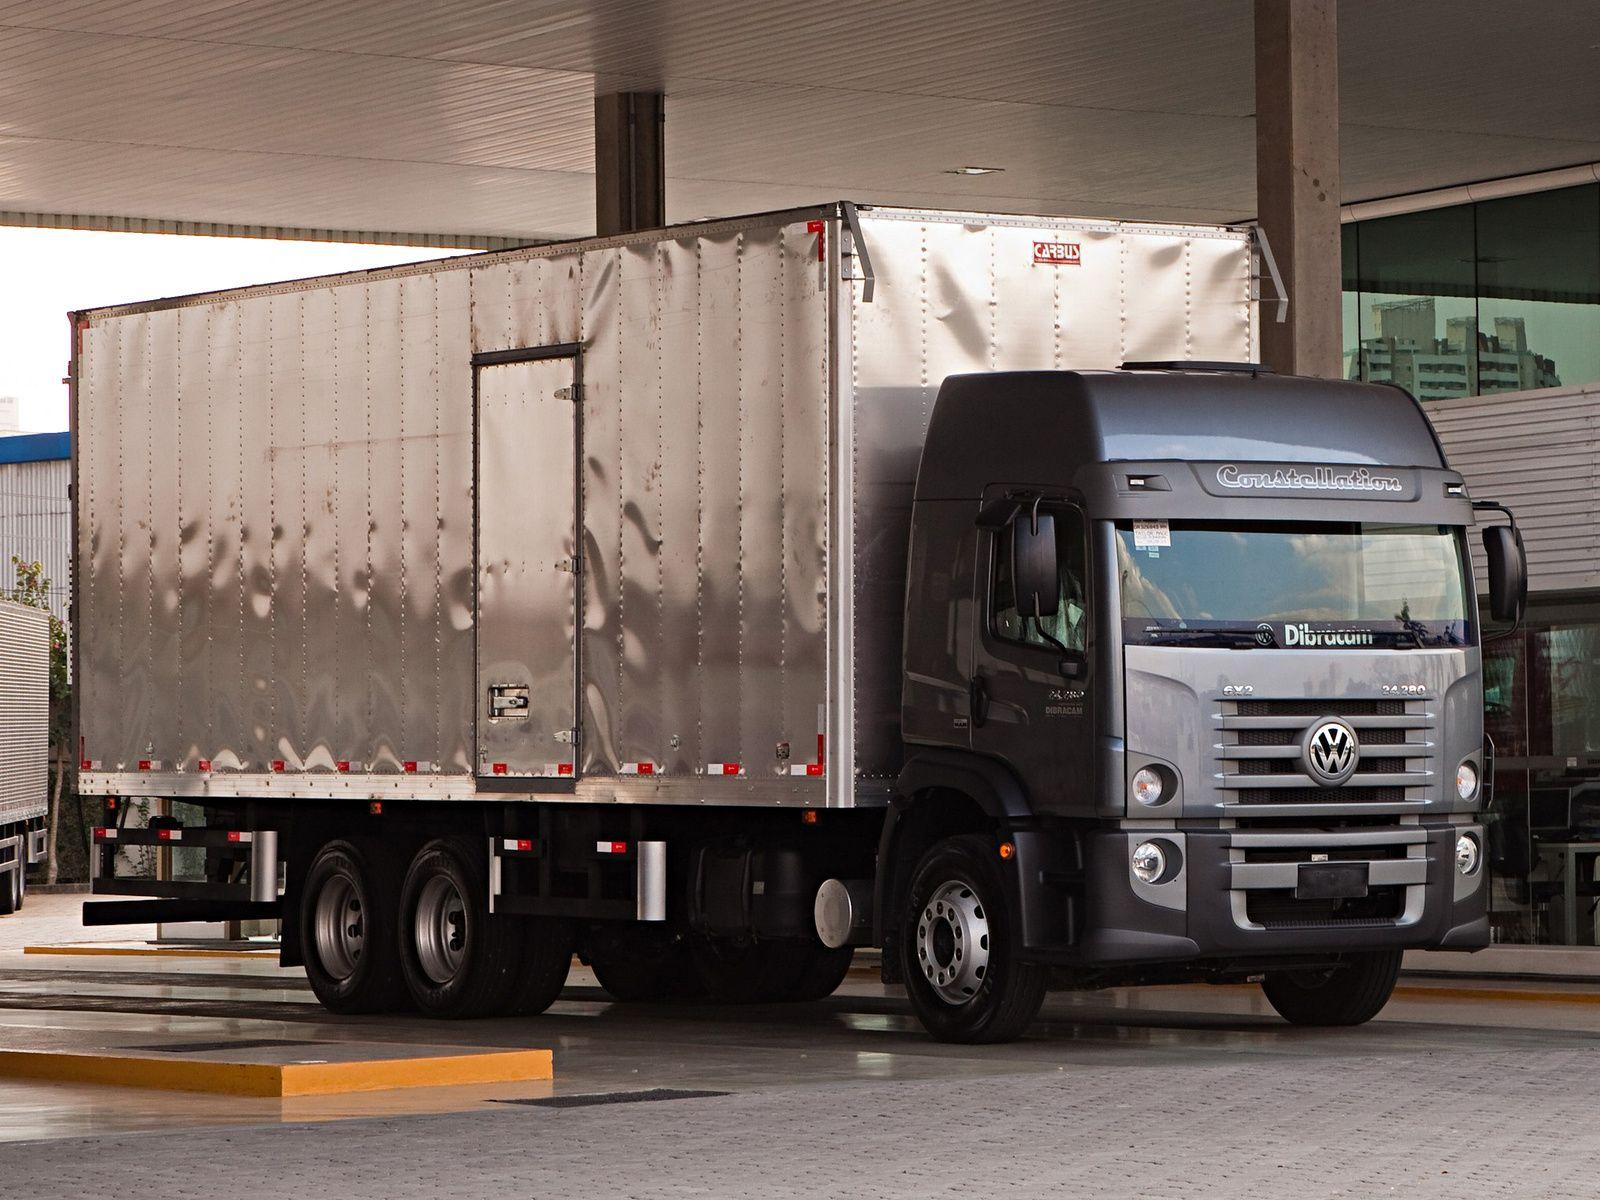 Volkswagen Constellation 24 280 Trucks Pinterest